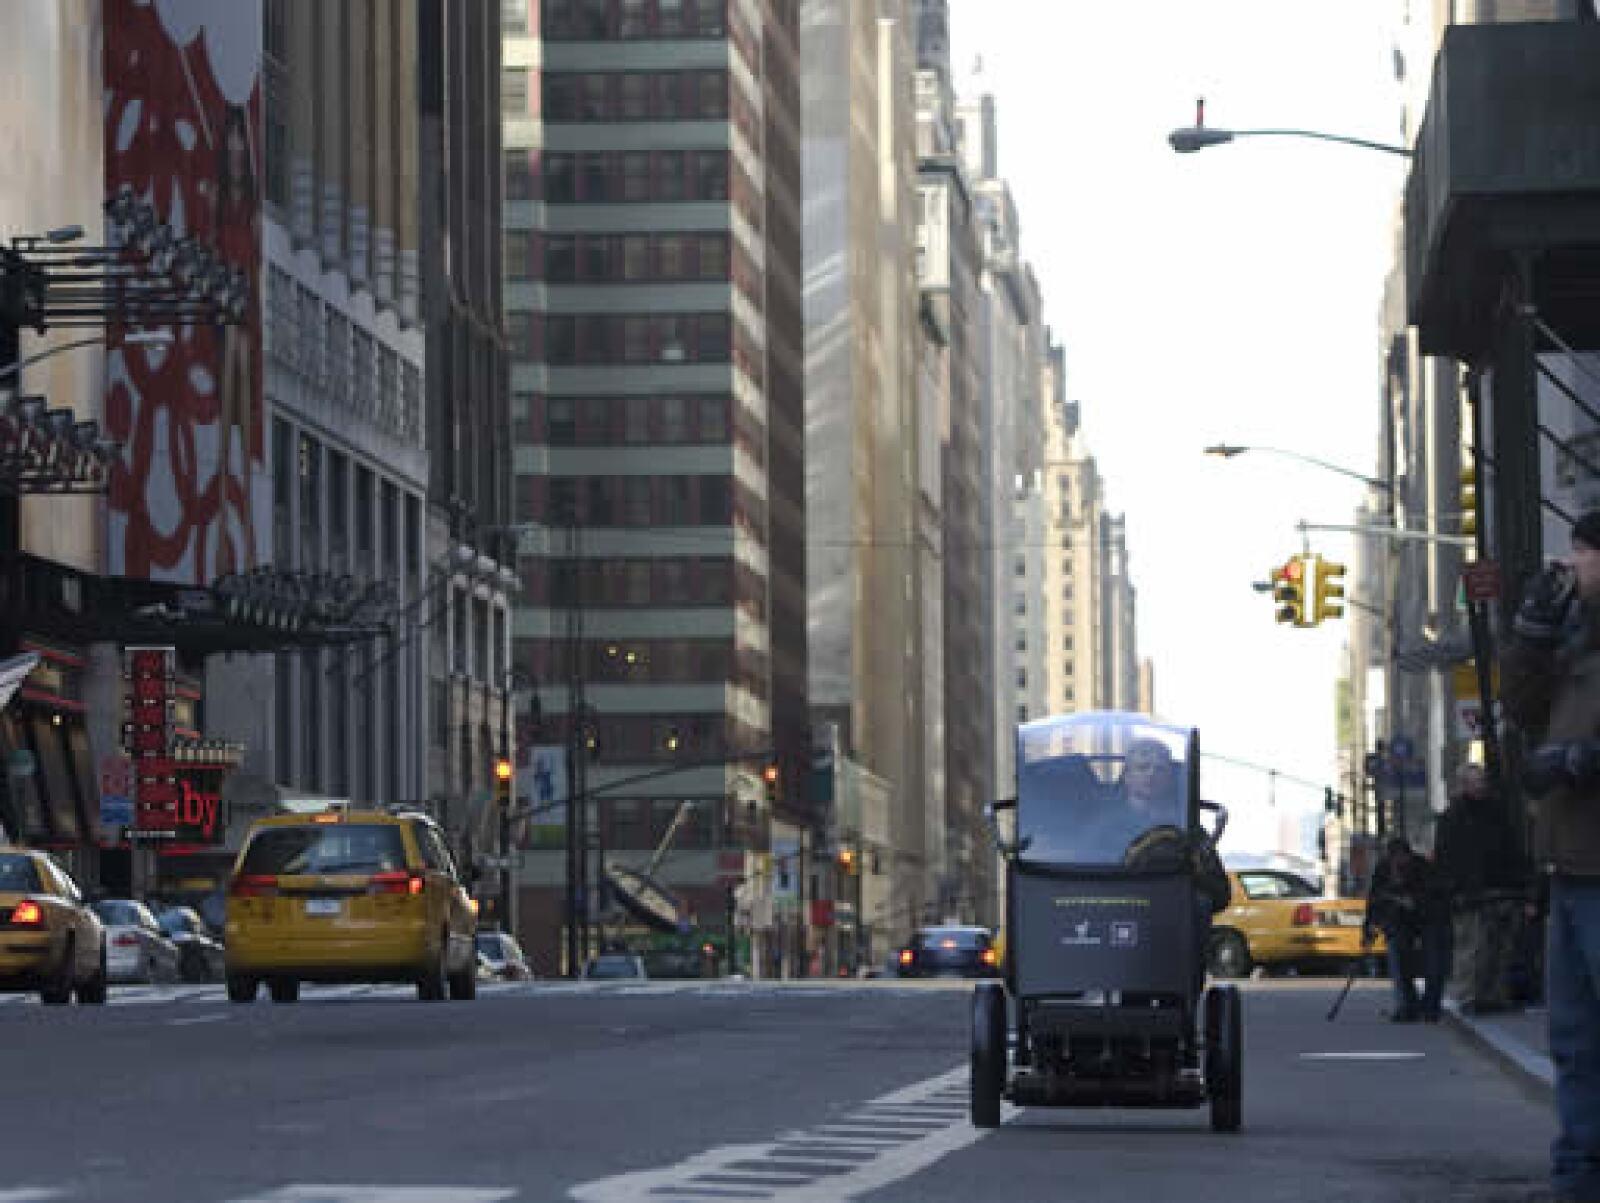 El vehículo tiene una autonomía de 56 kilómetros antes de necesitar ser recargado. Las baterías, de litio-ion, proporcionan energía a sus dos motores eléctricos.